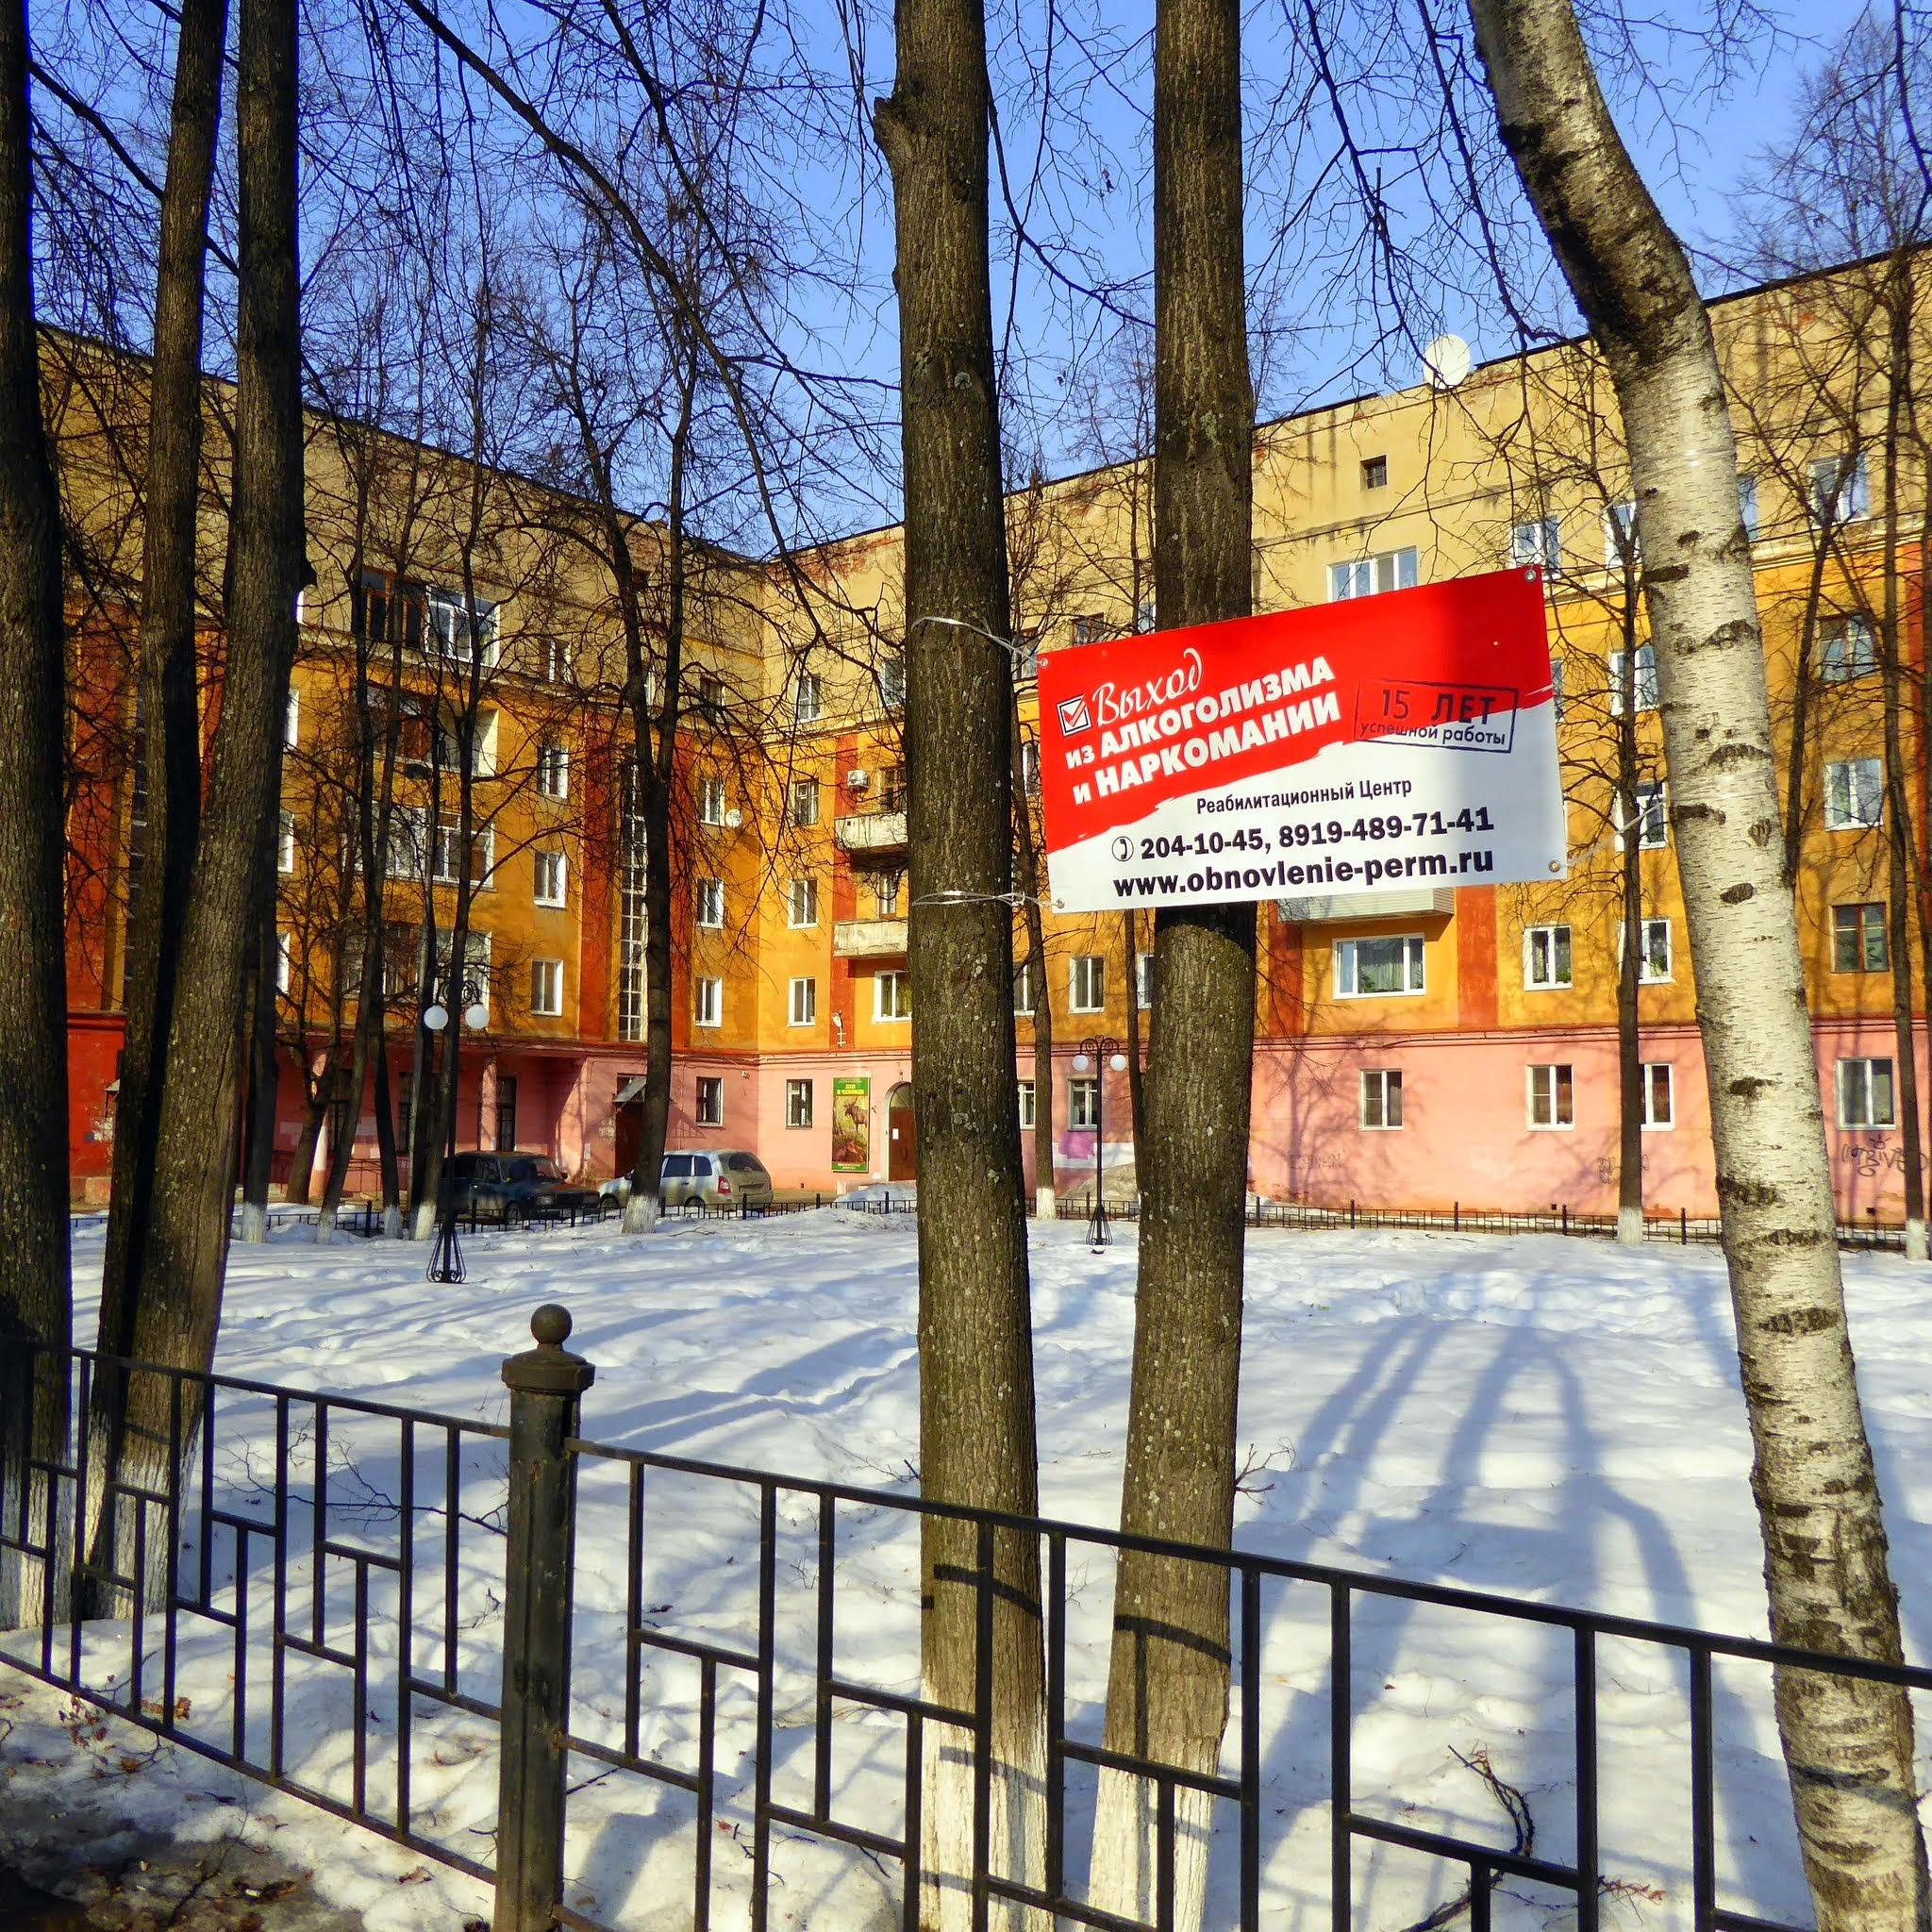 Краснокамск наркомания адреса клиник наркологических